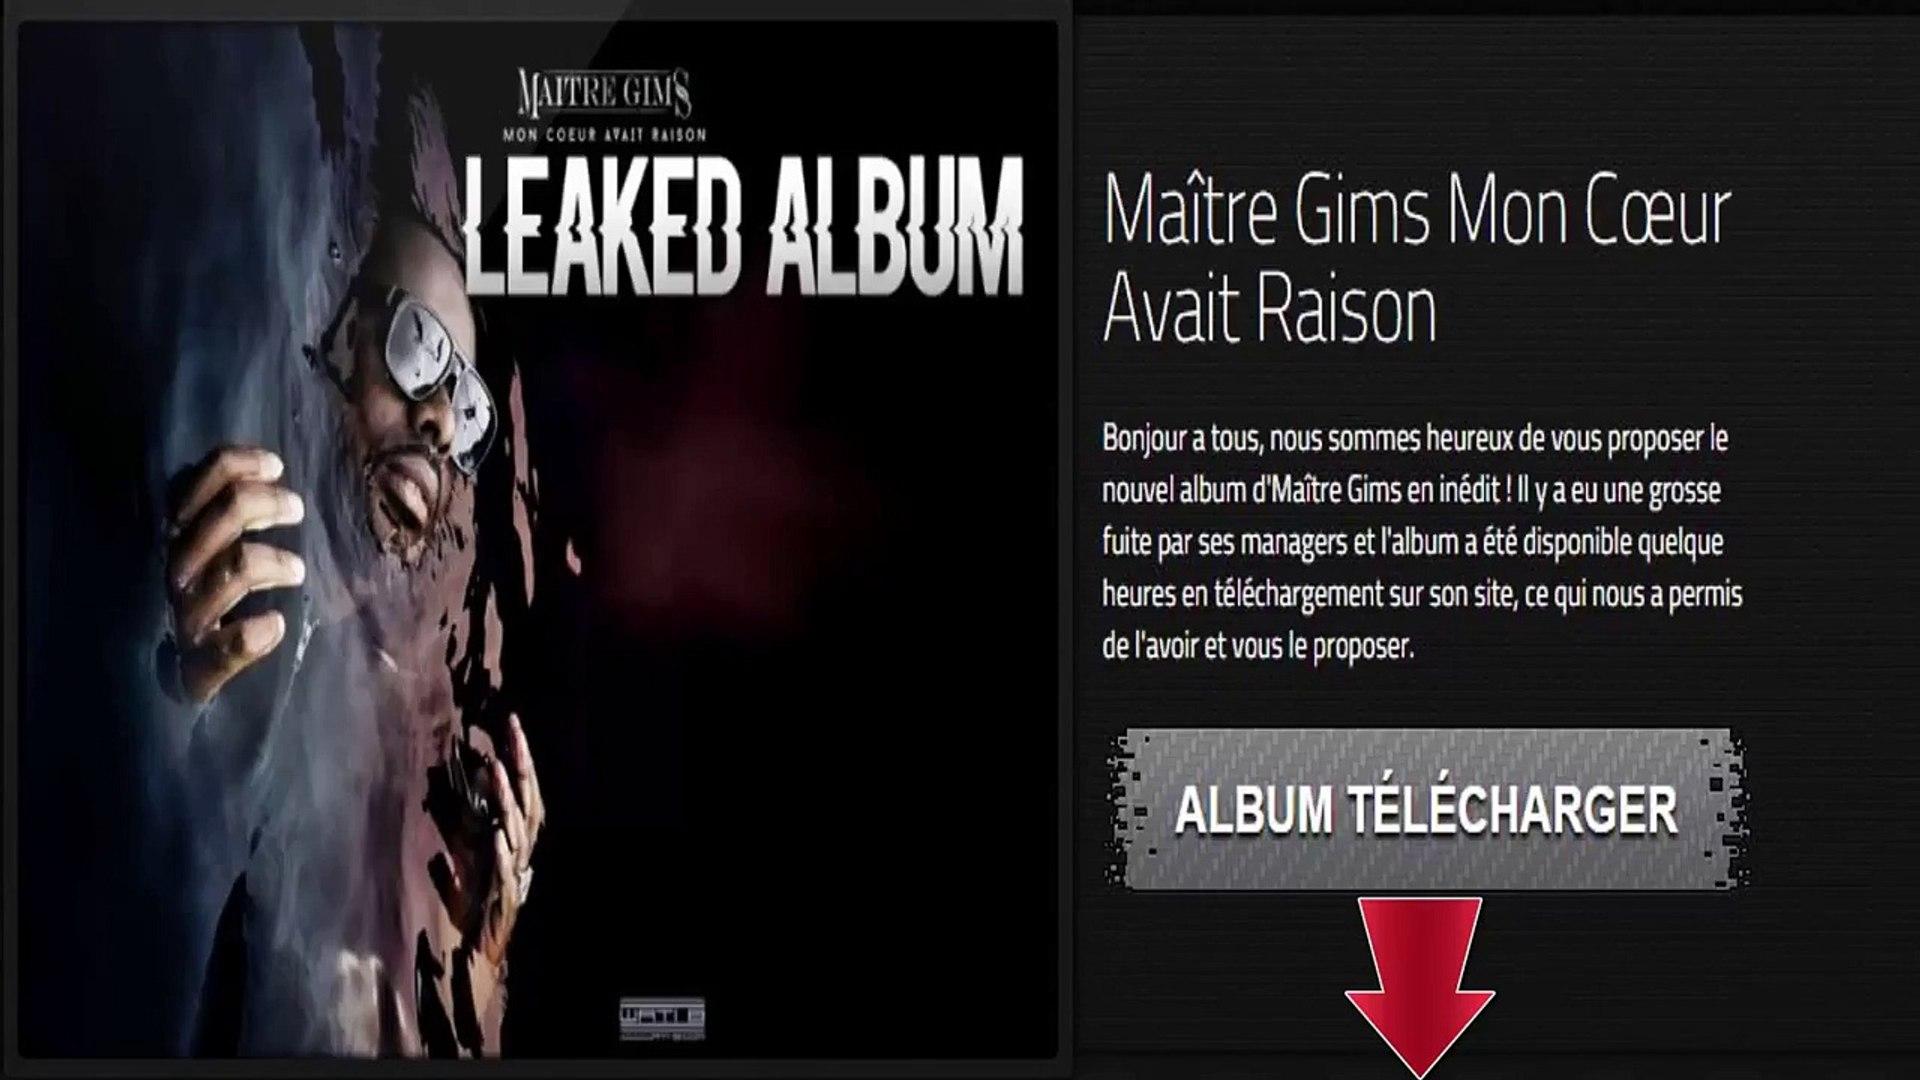 Maitre Gims Mon Coeur Avait Raison Album Complet Gratuit Free